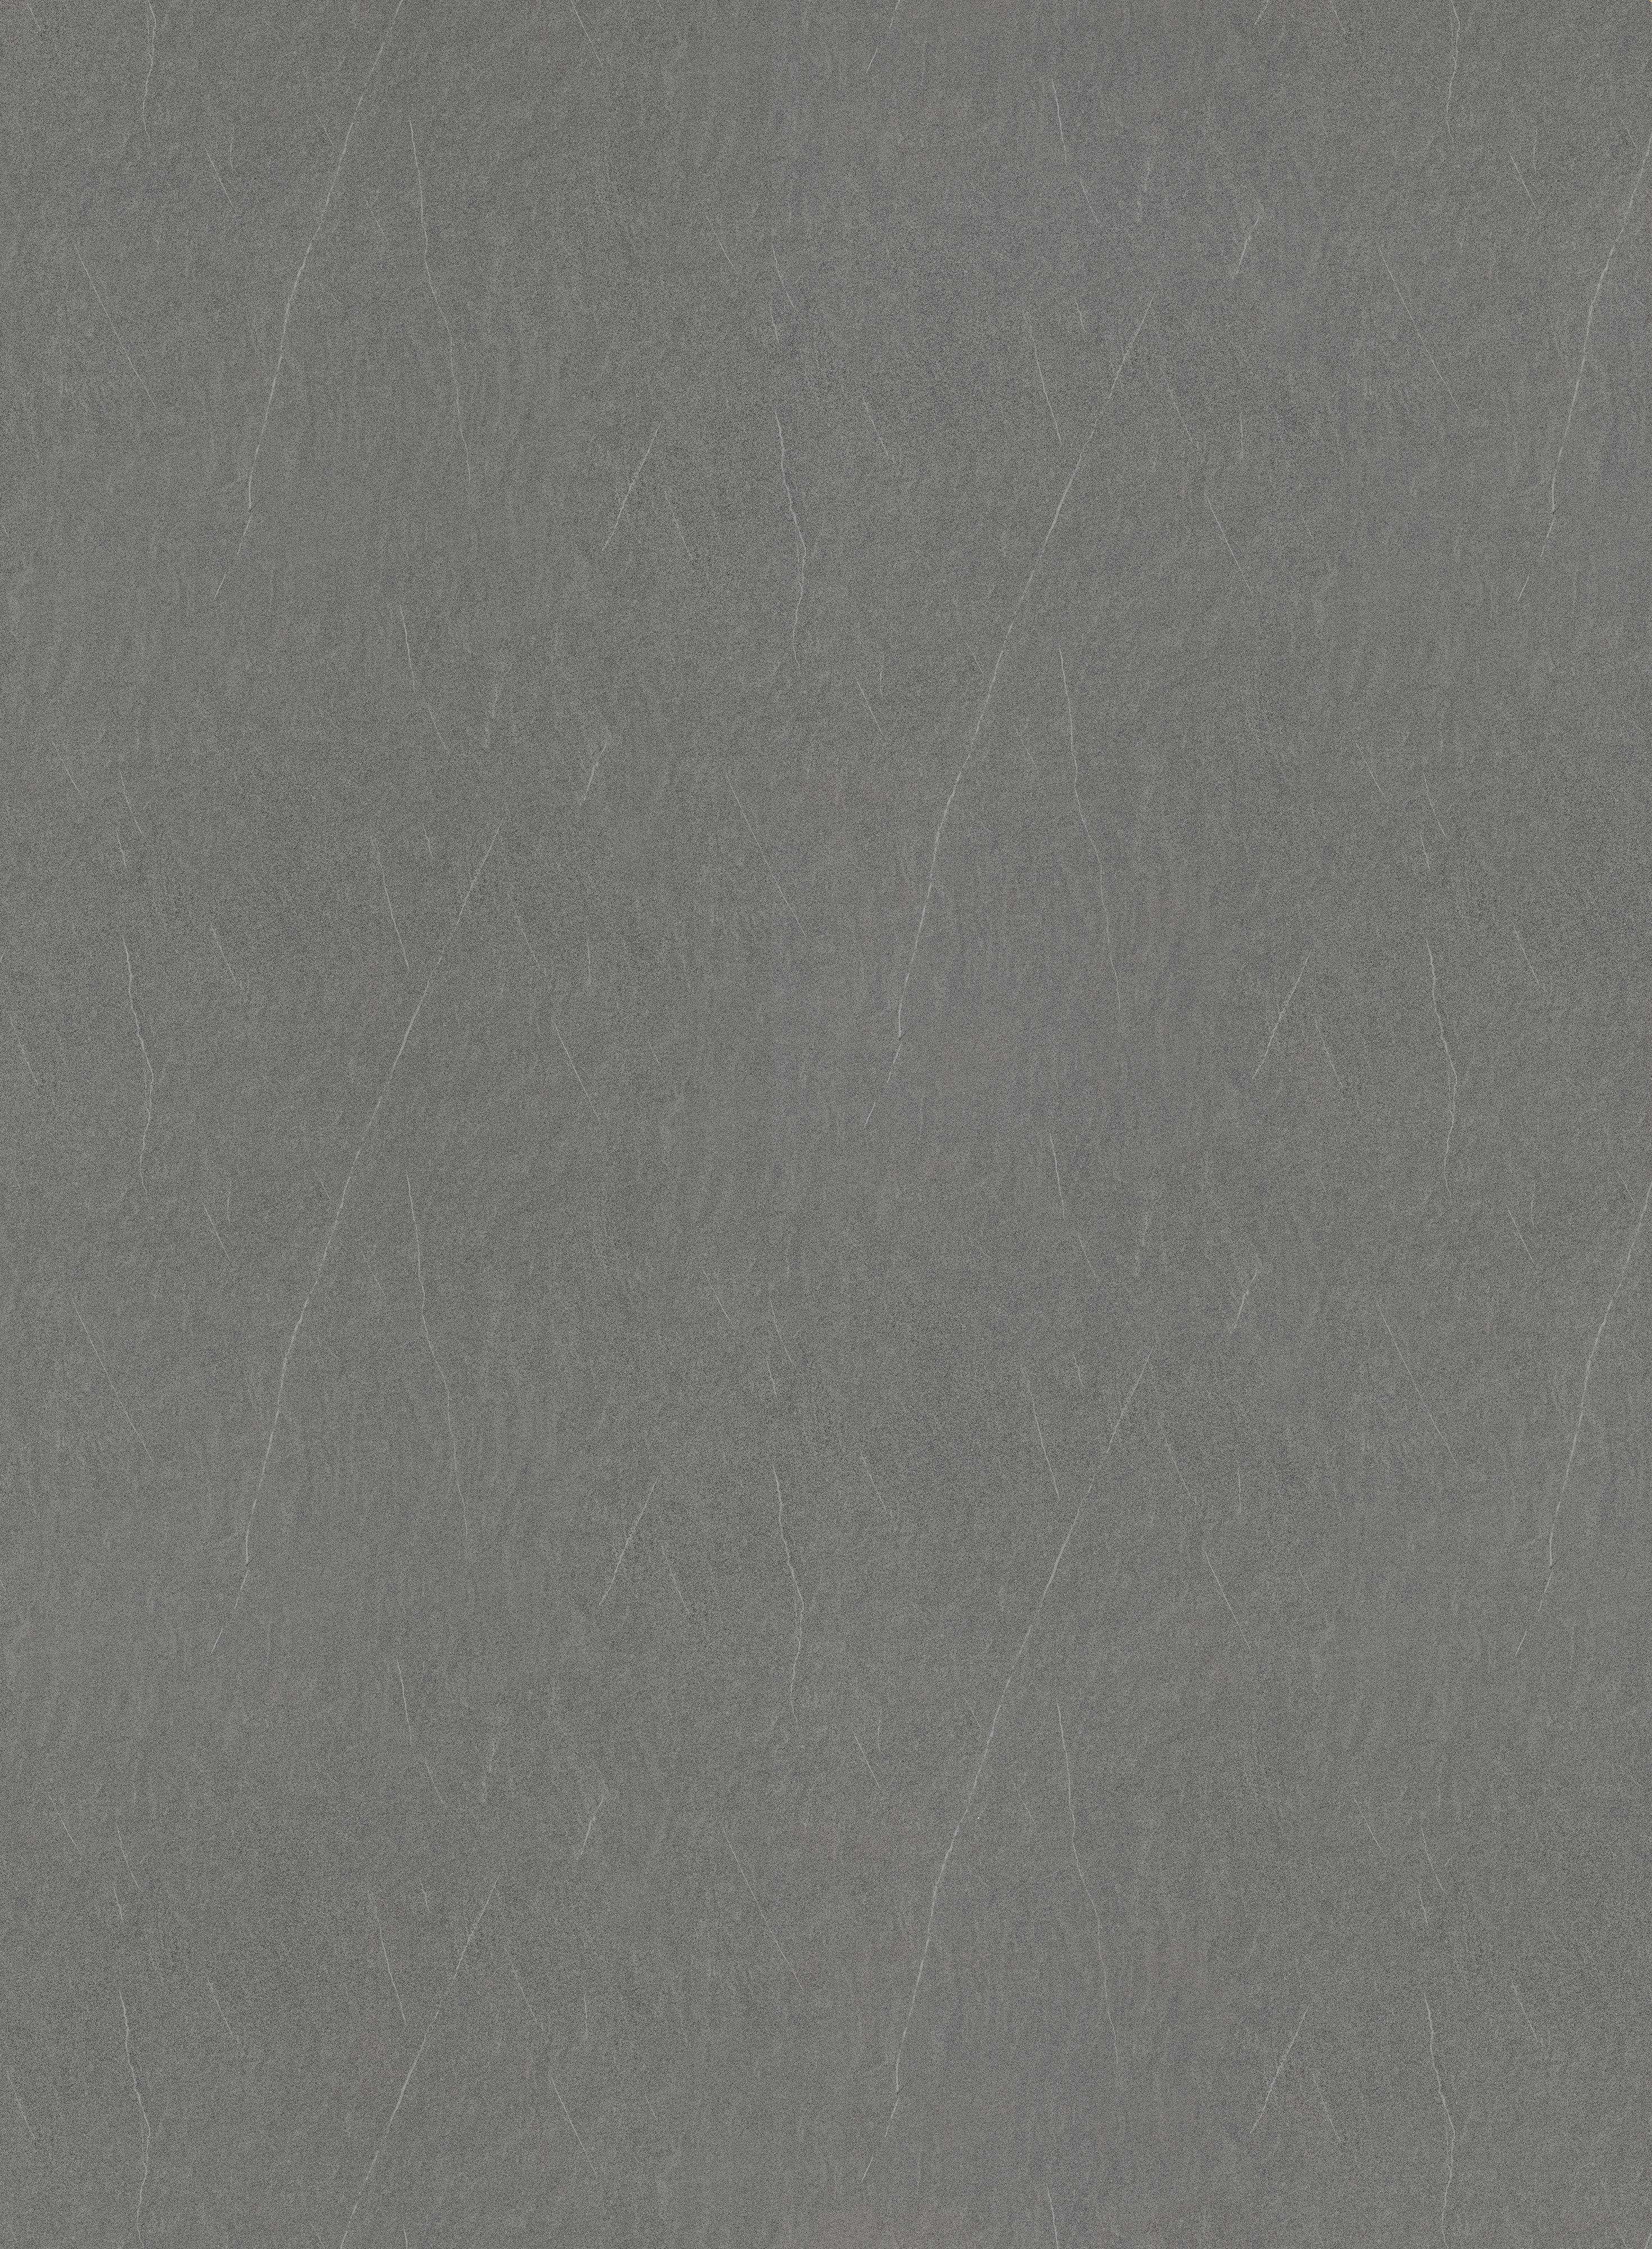 DecoLegno FC37 Concreta hele plaatafb. 2800x2070 mm / Tekenprogramma